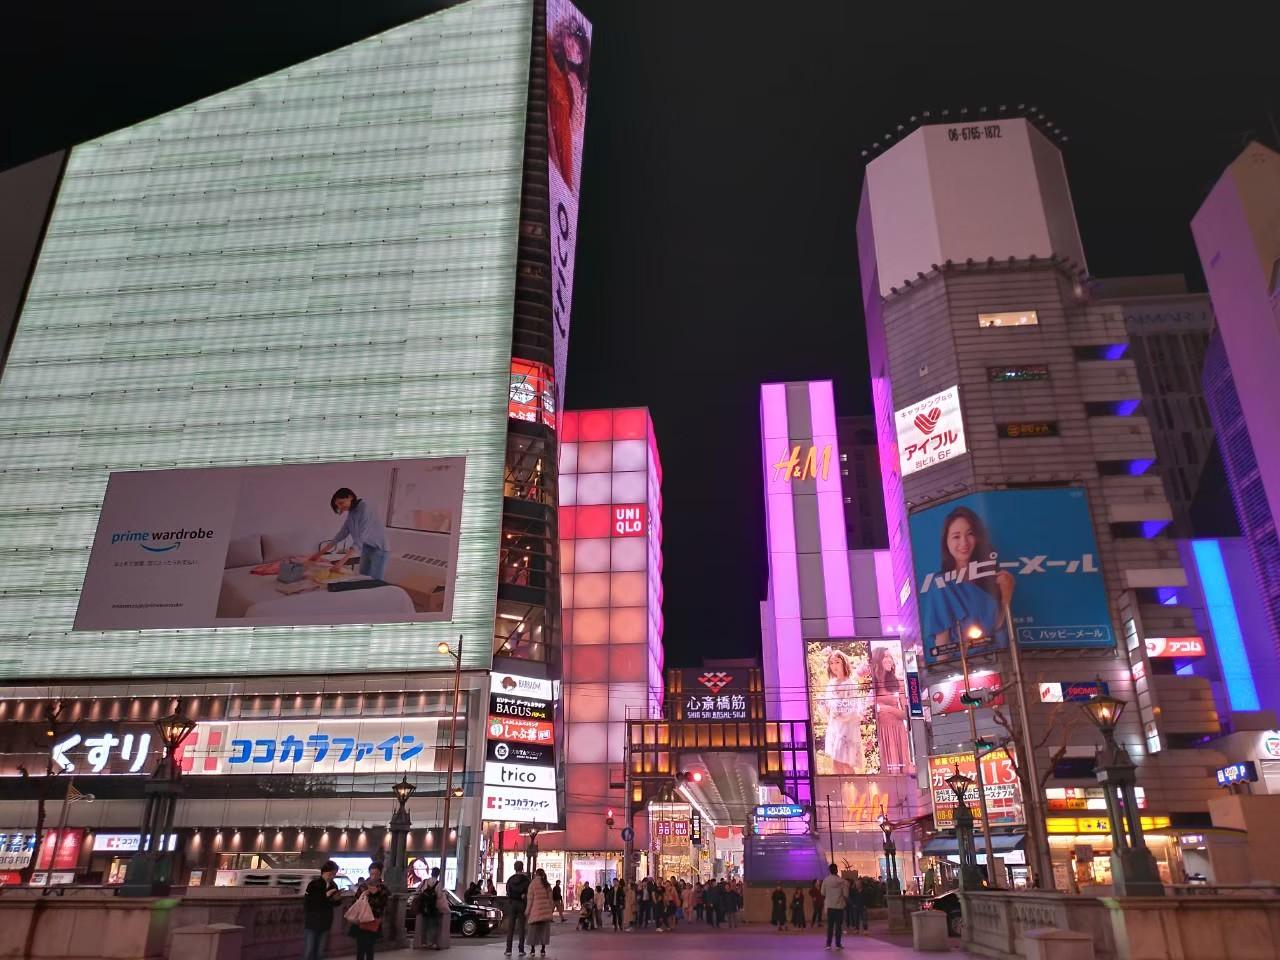 日本消費稅10%來了!到日本旅遊該注意什麼?想省錢該怎麼做?